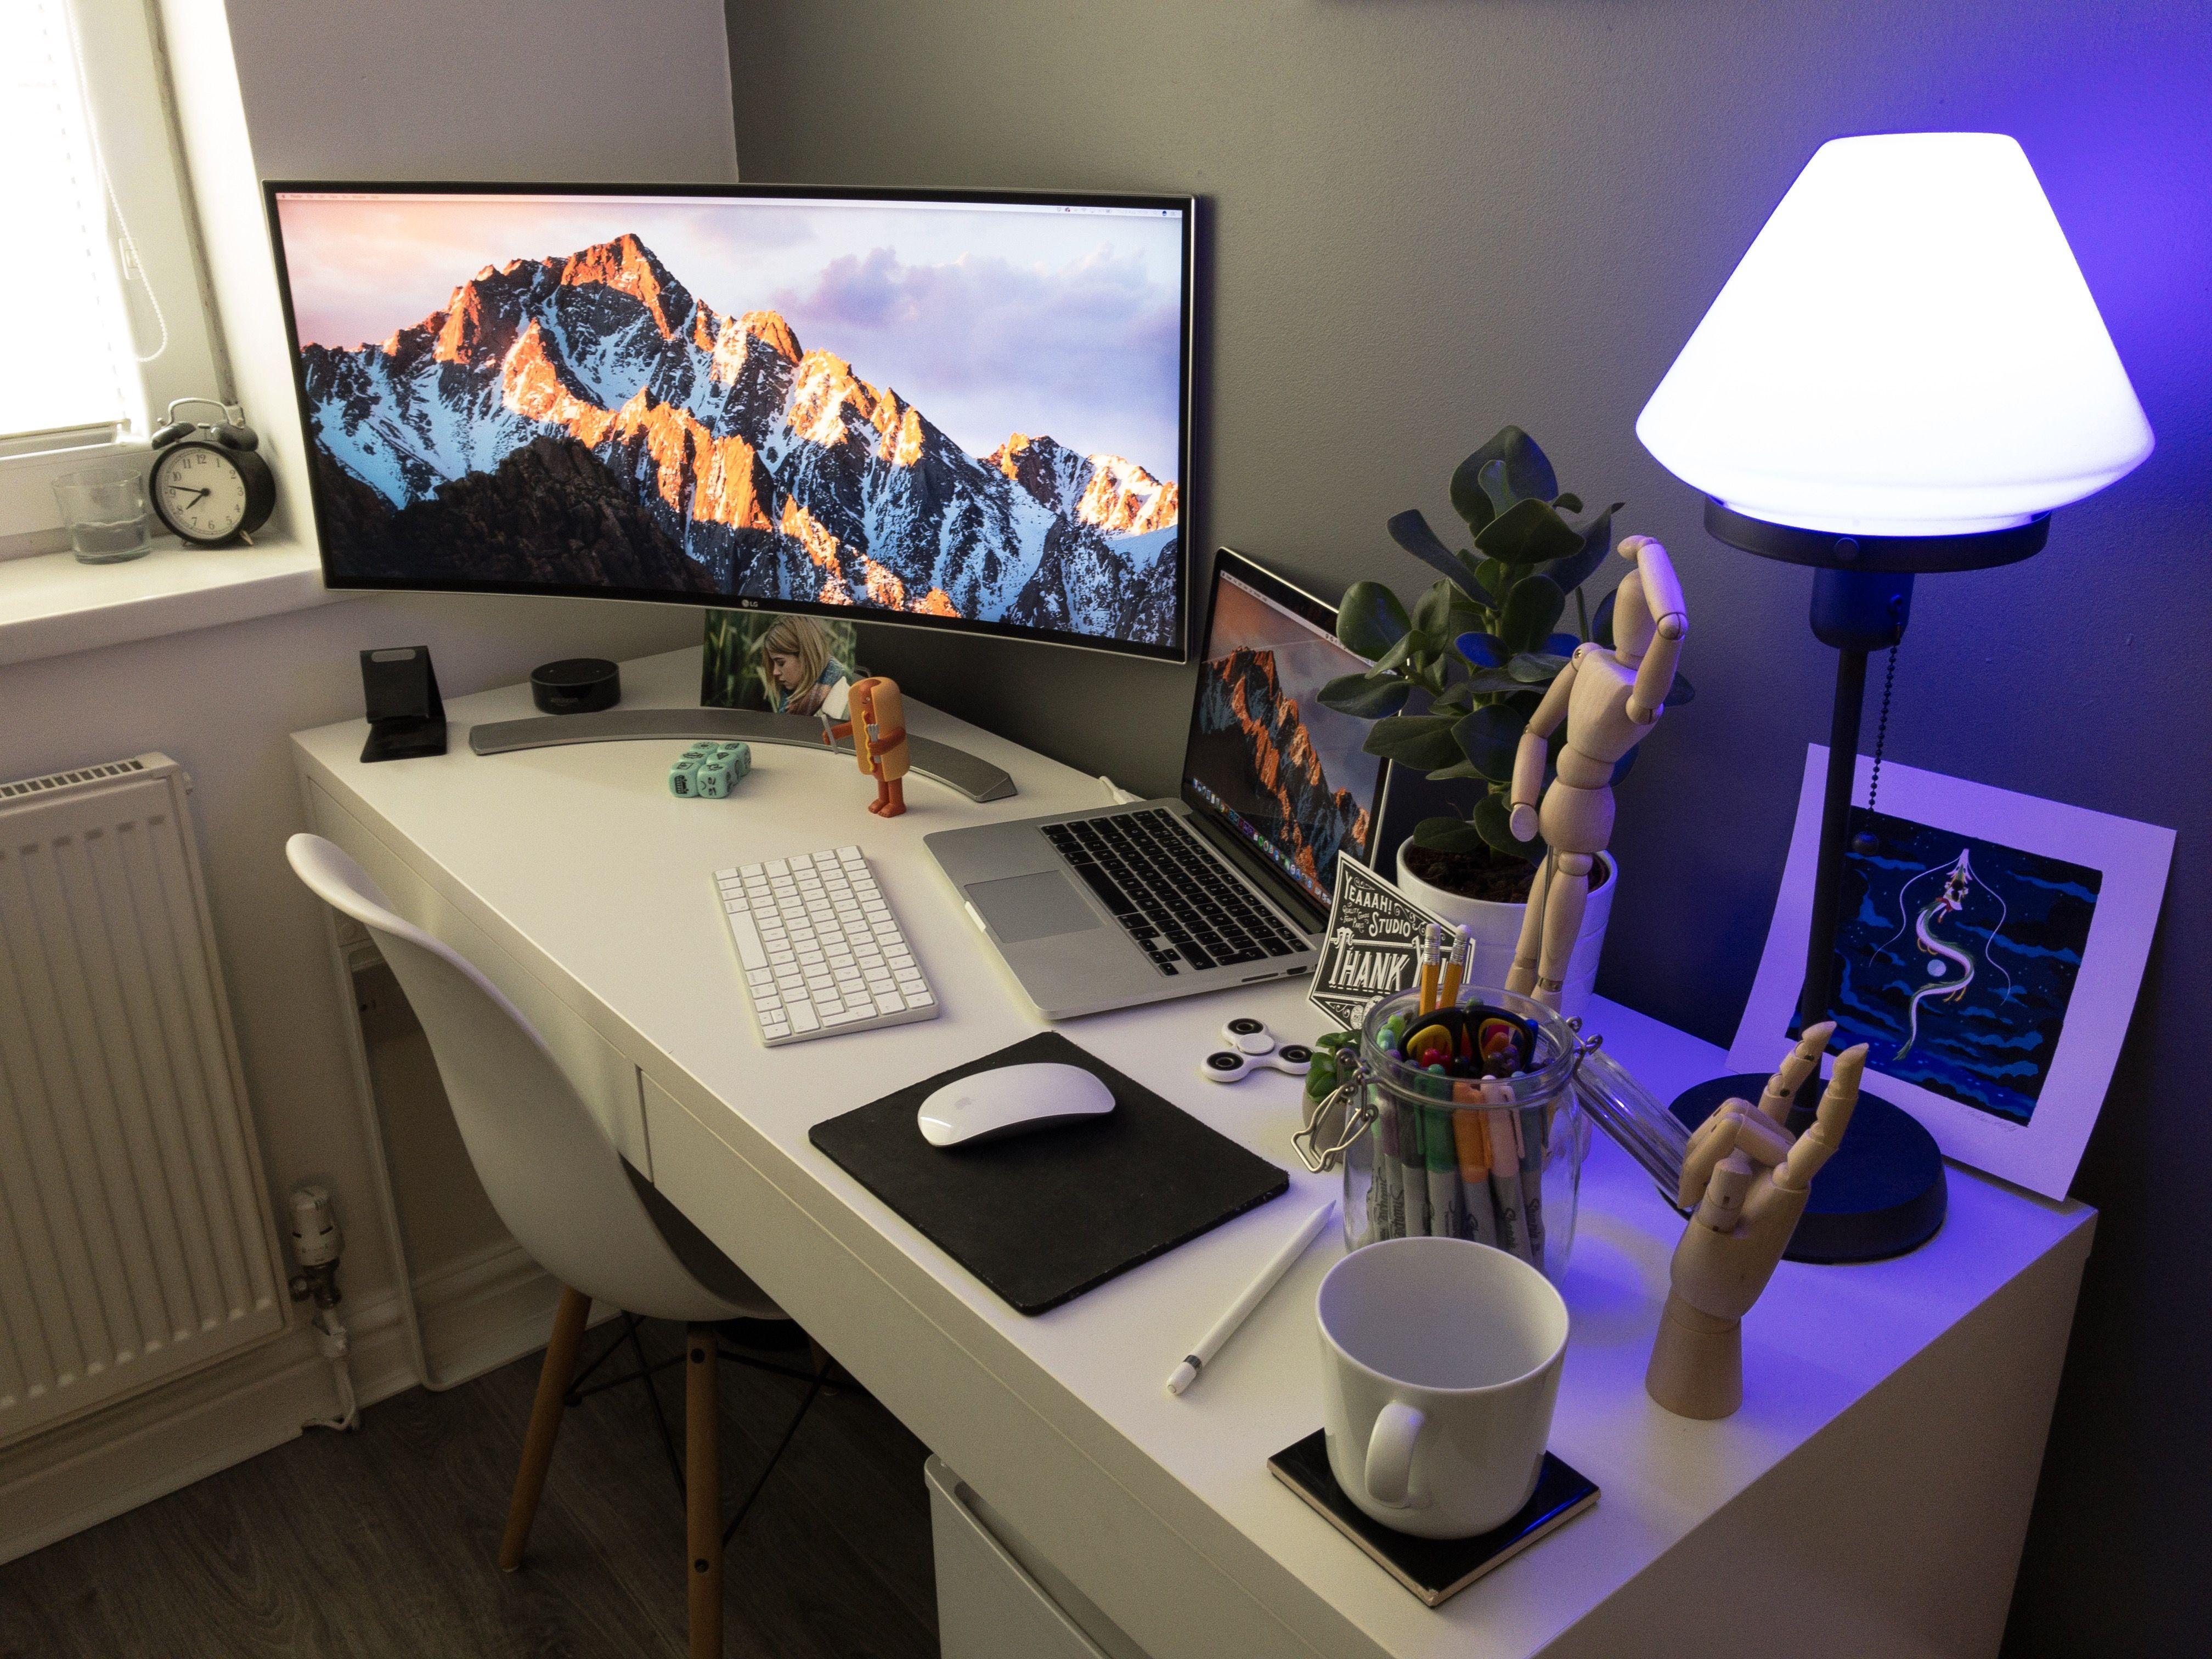 Desk Setup Ultrawide Curved Monitor Macbook Desk Desk Inspiration Work Desk